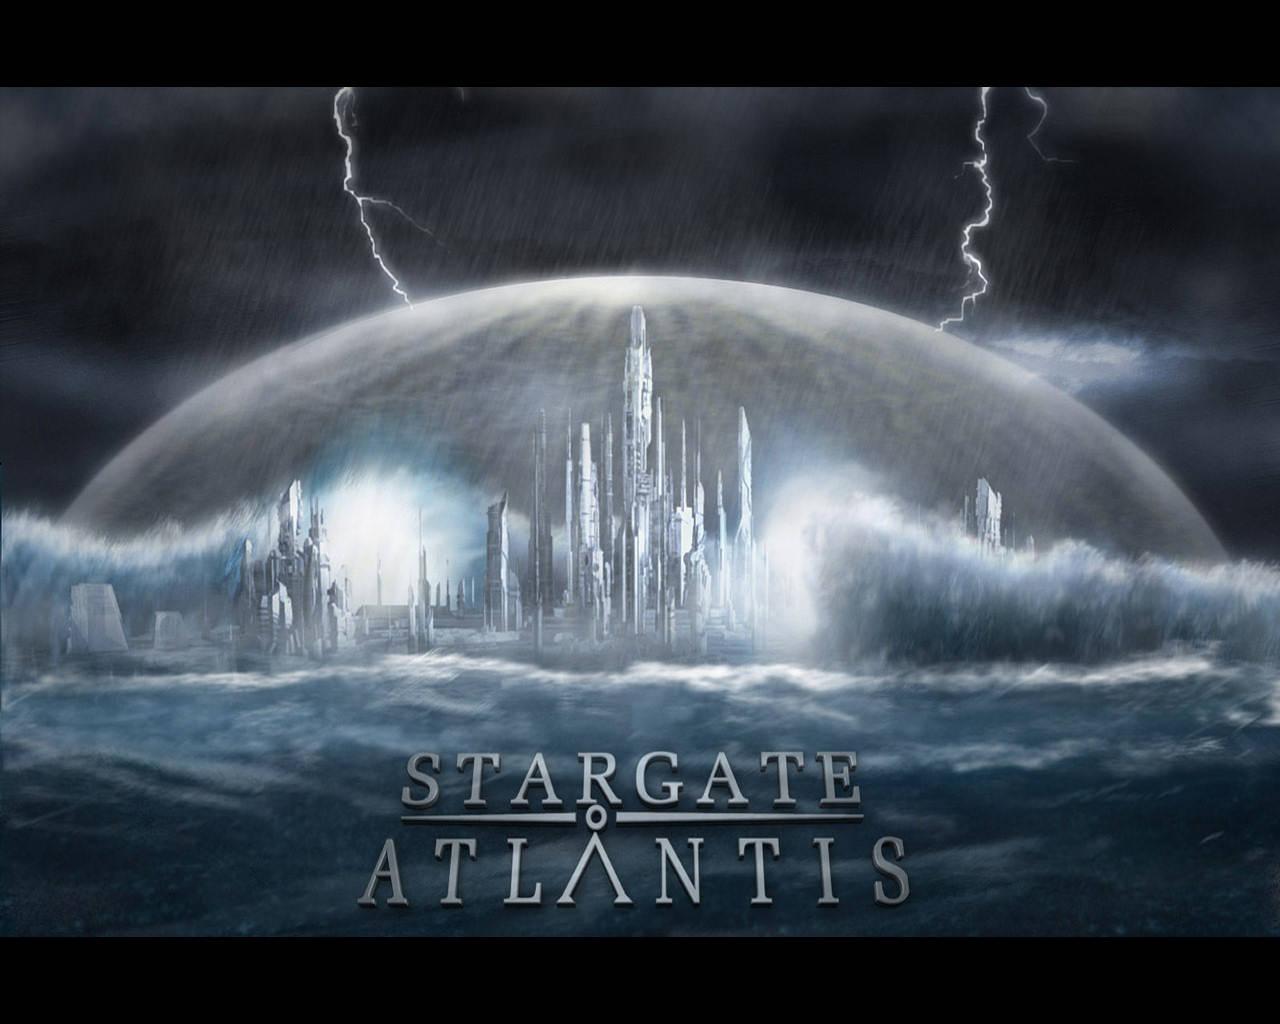 atlantis_04